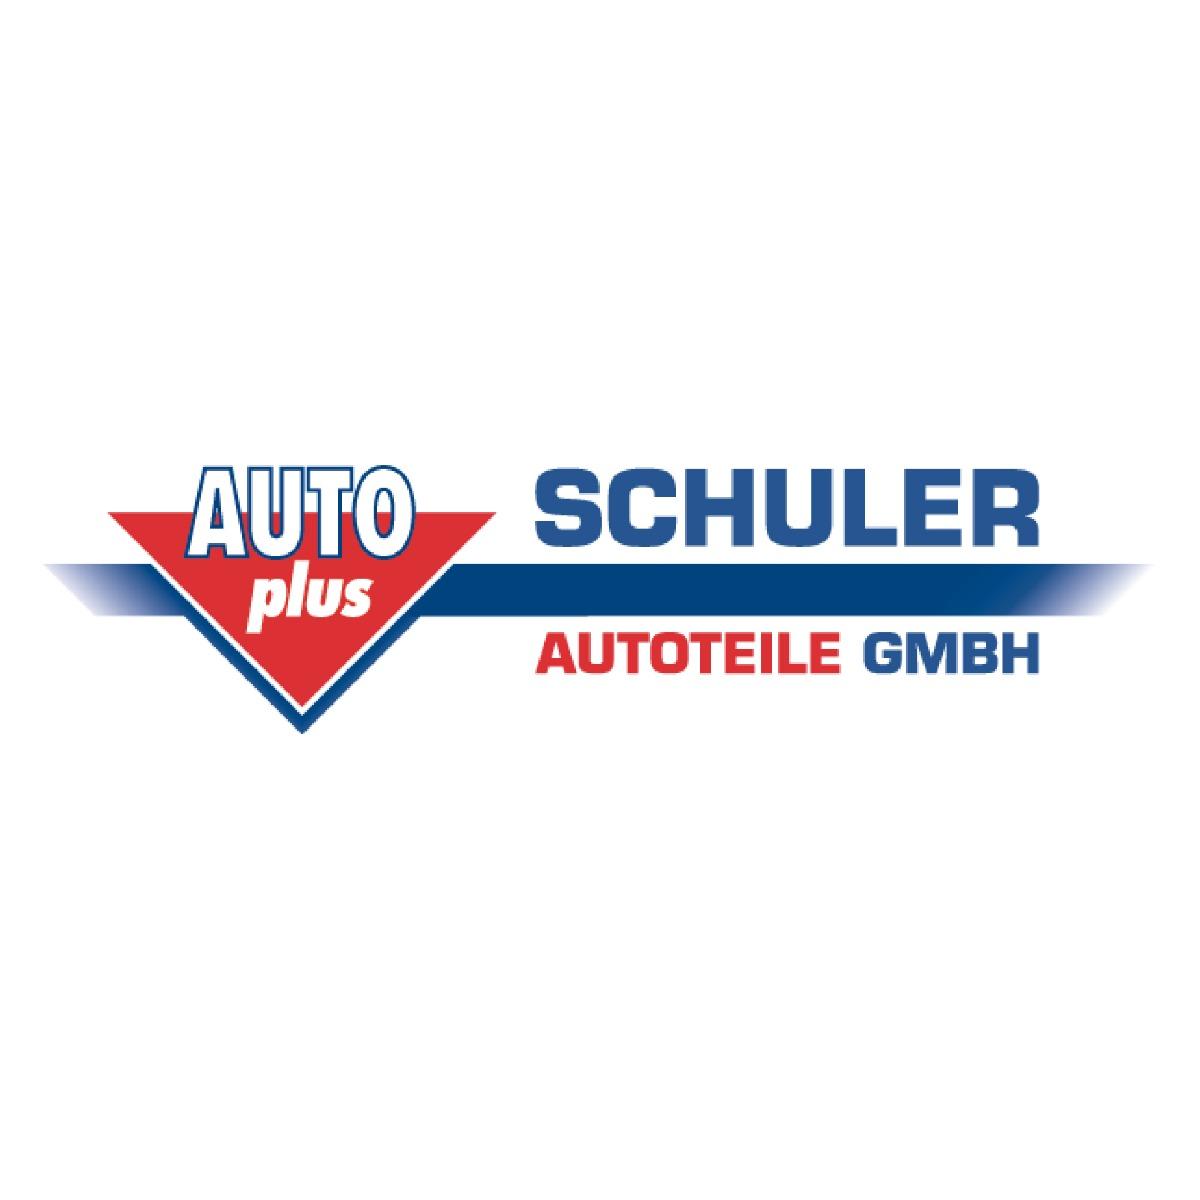 Gunther Schuler Autoteile GmbH